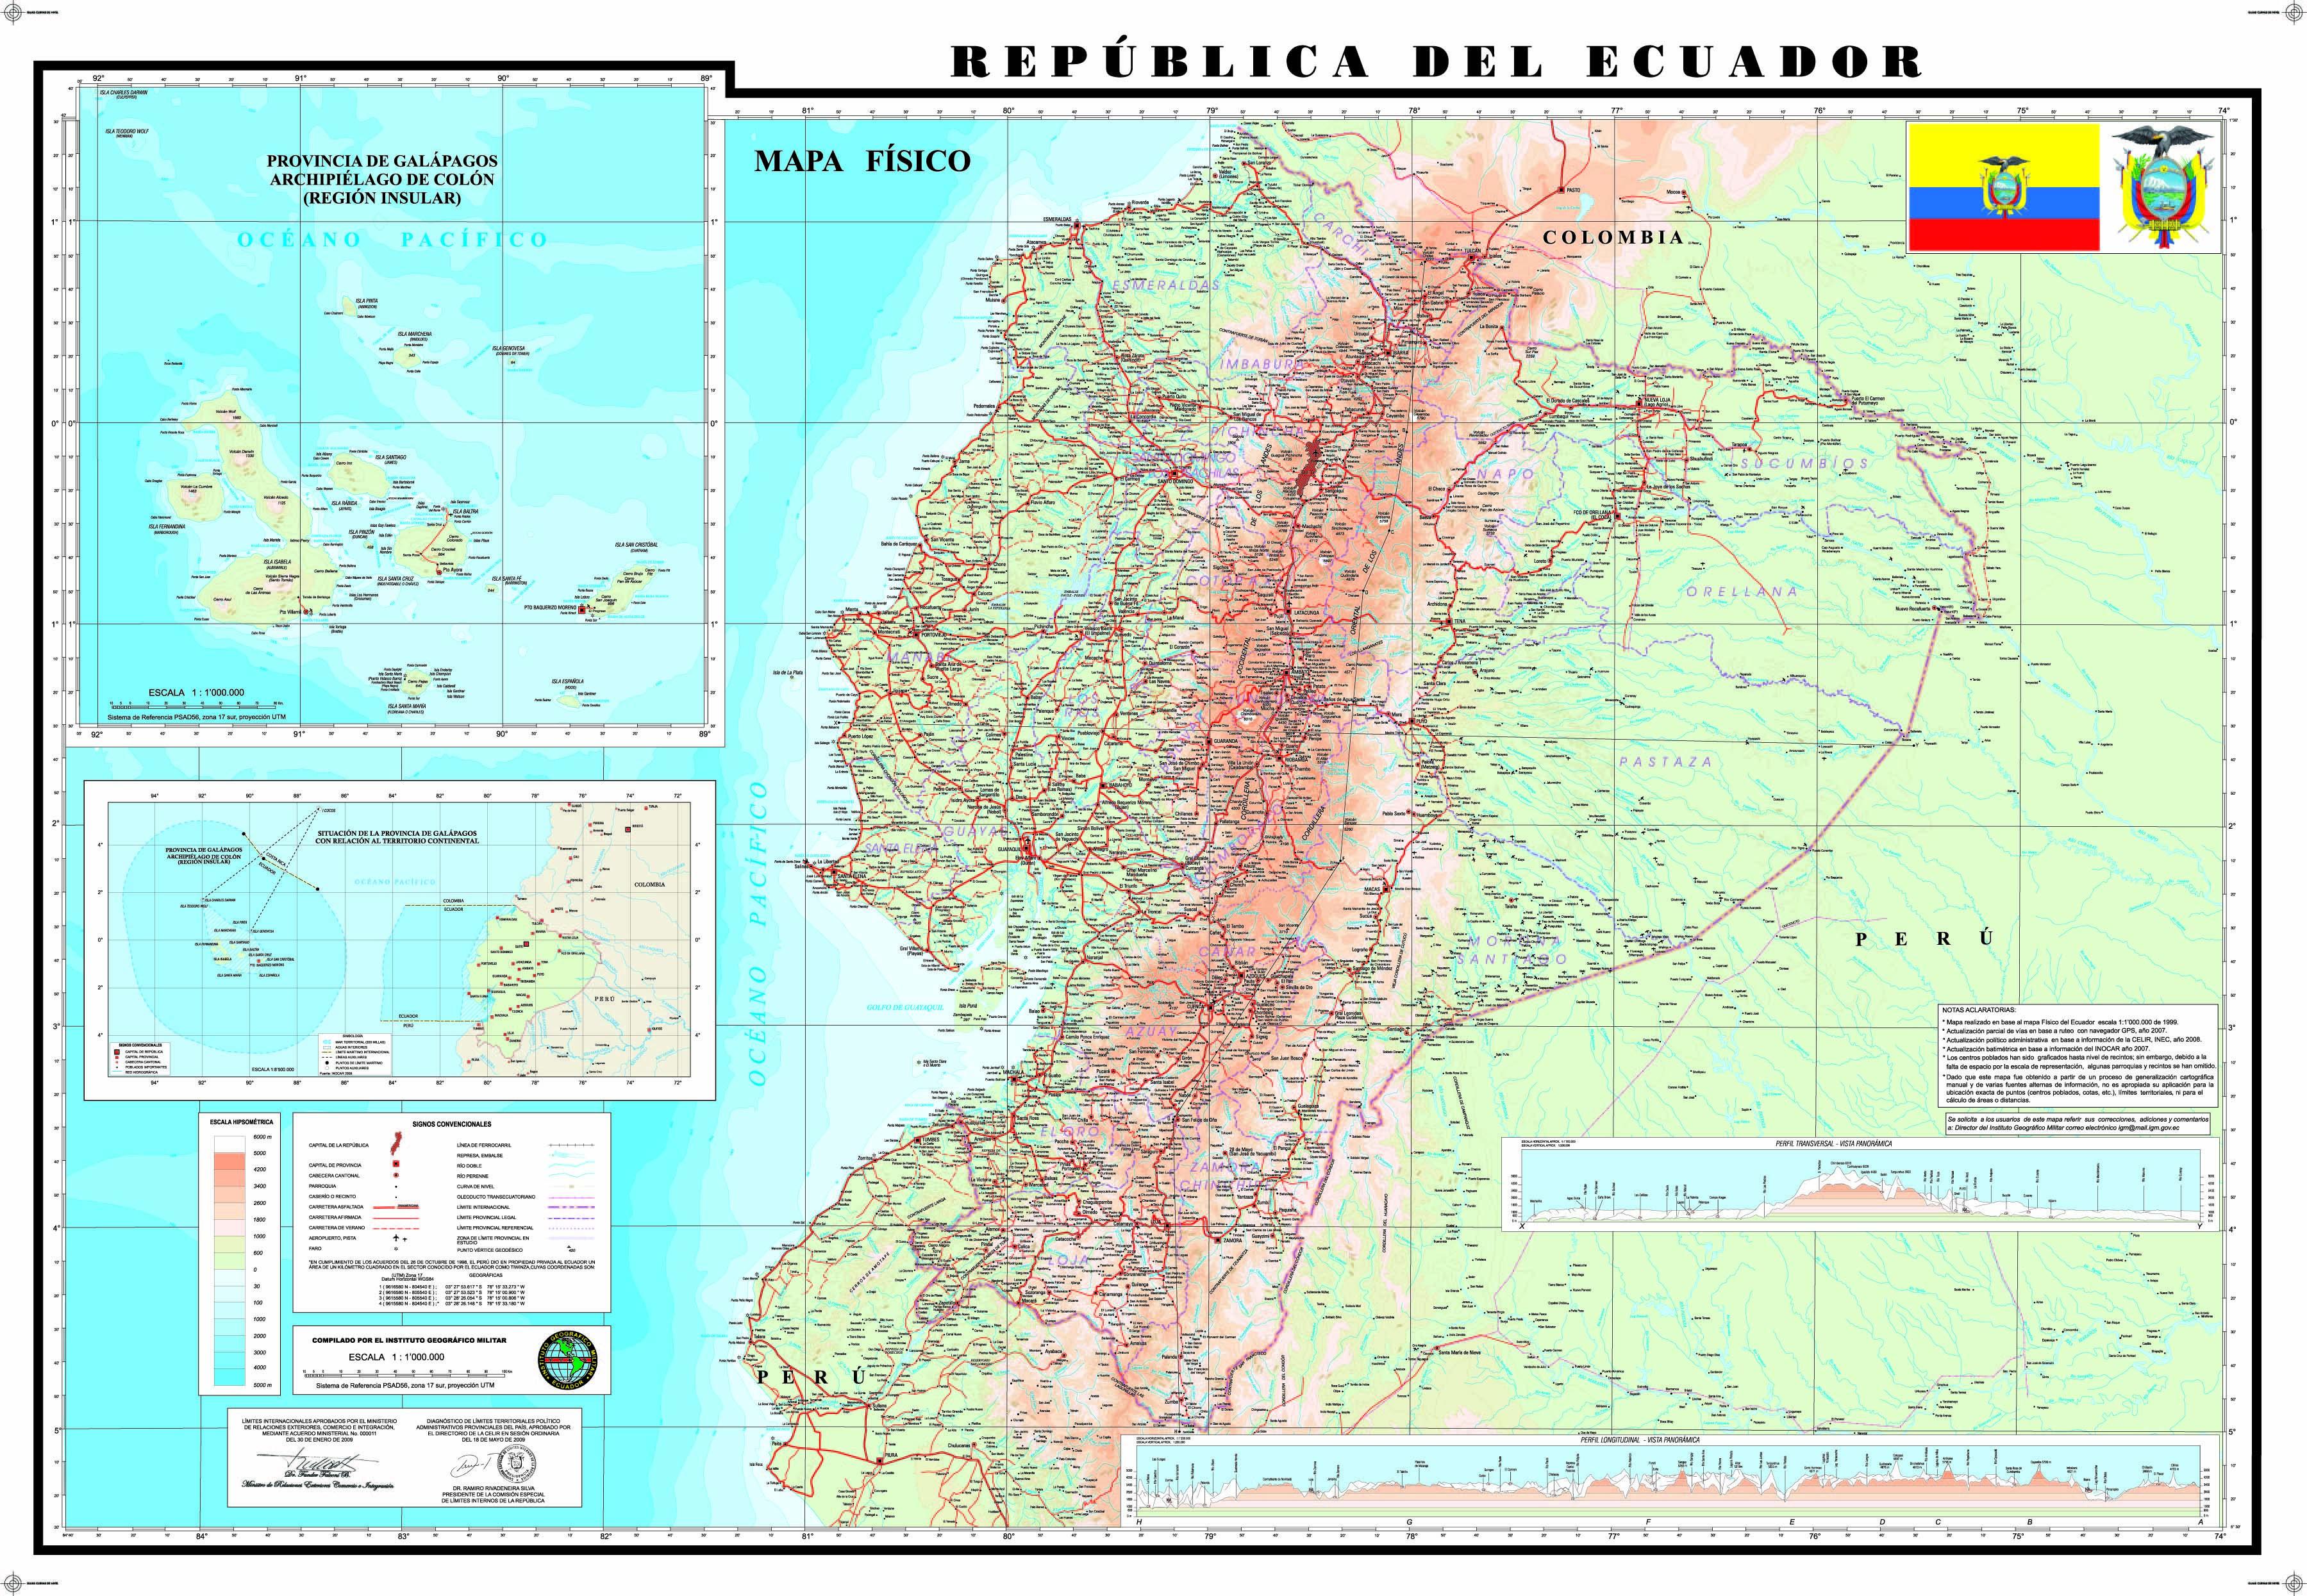 Mapa Físico del Ecuador 2009